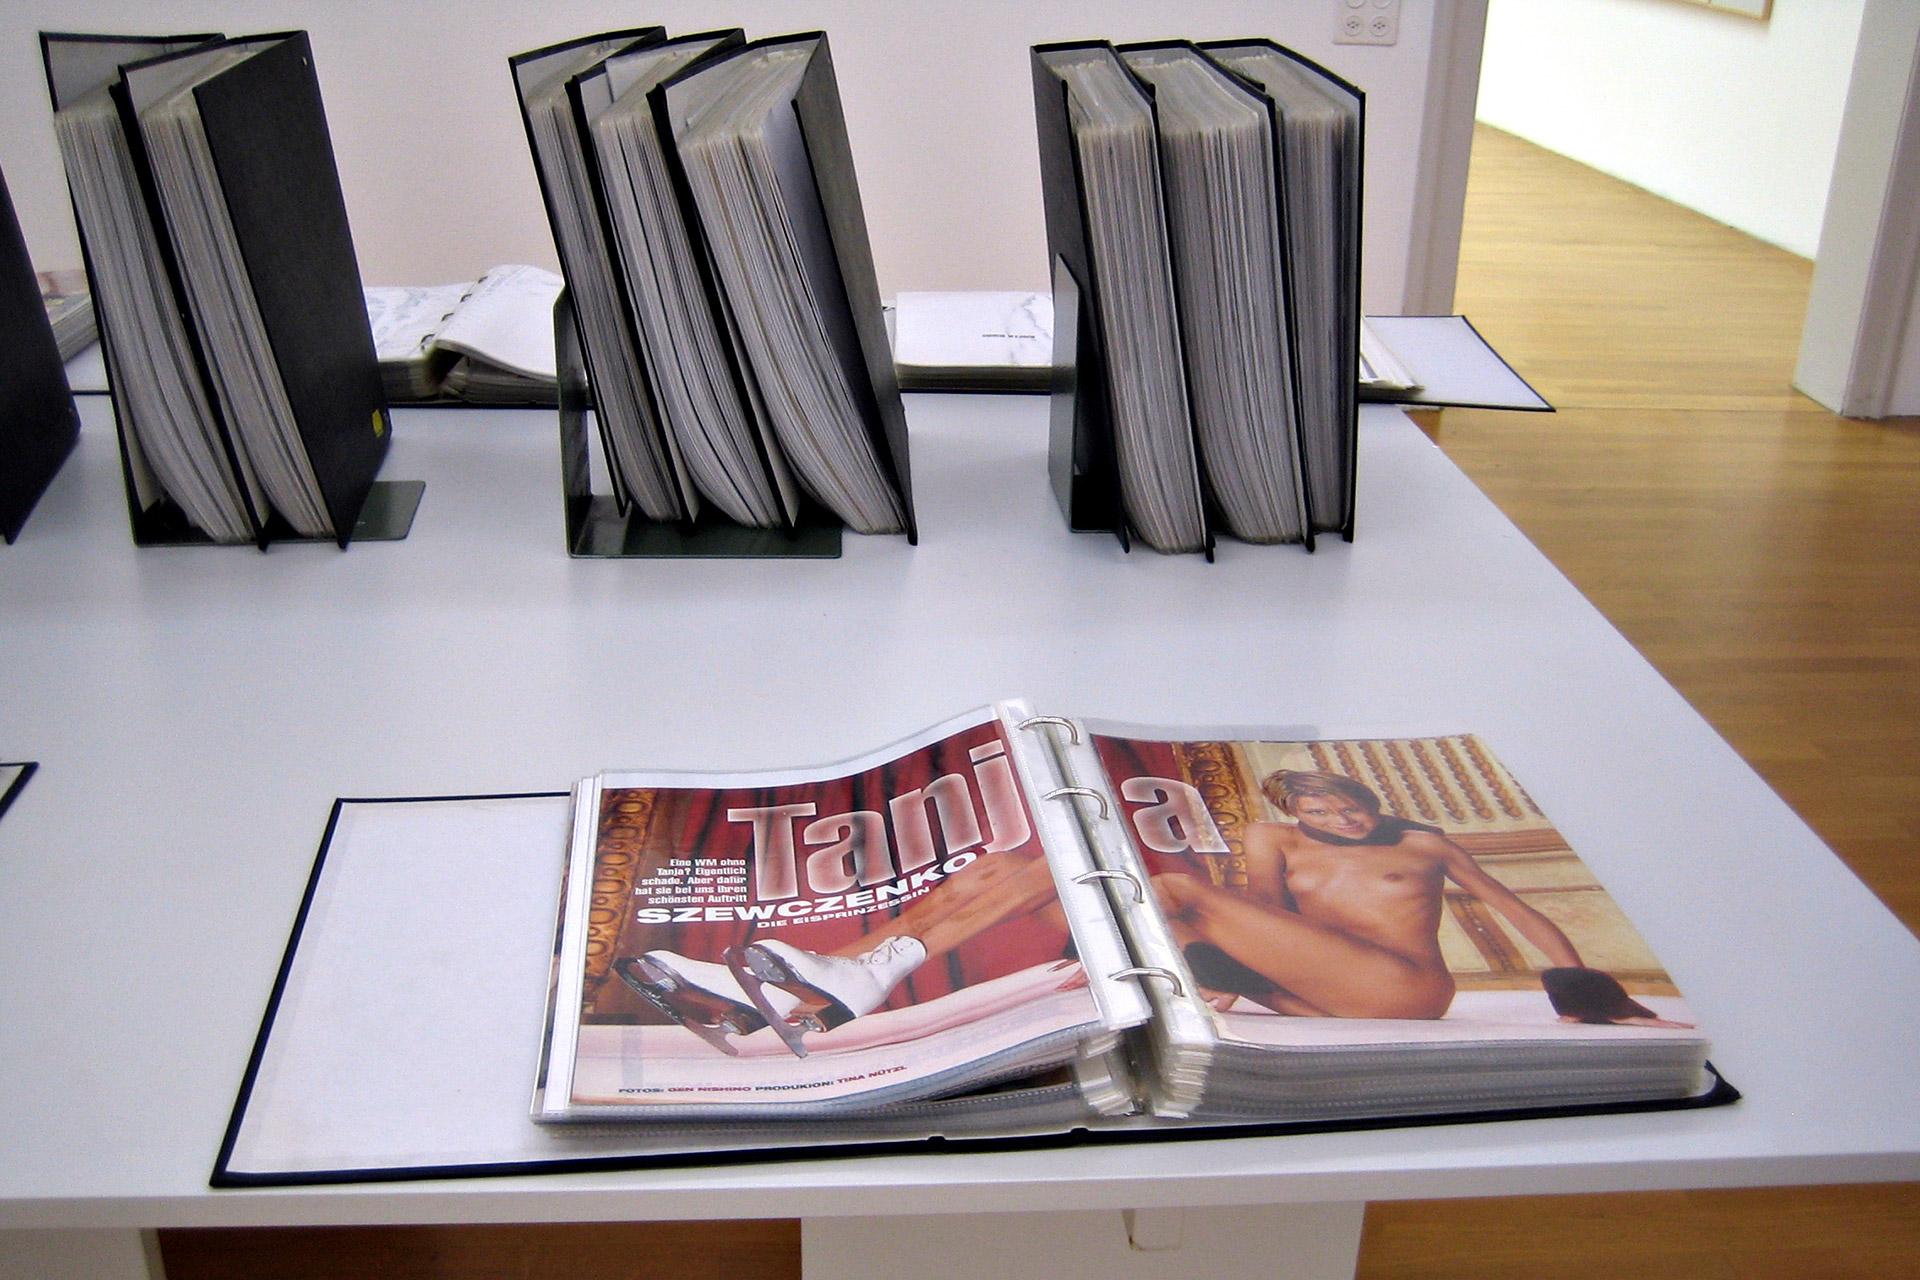 Begehren-Eroberung-Kunsthalle-Winterthur-2008-3.jpg